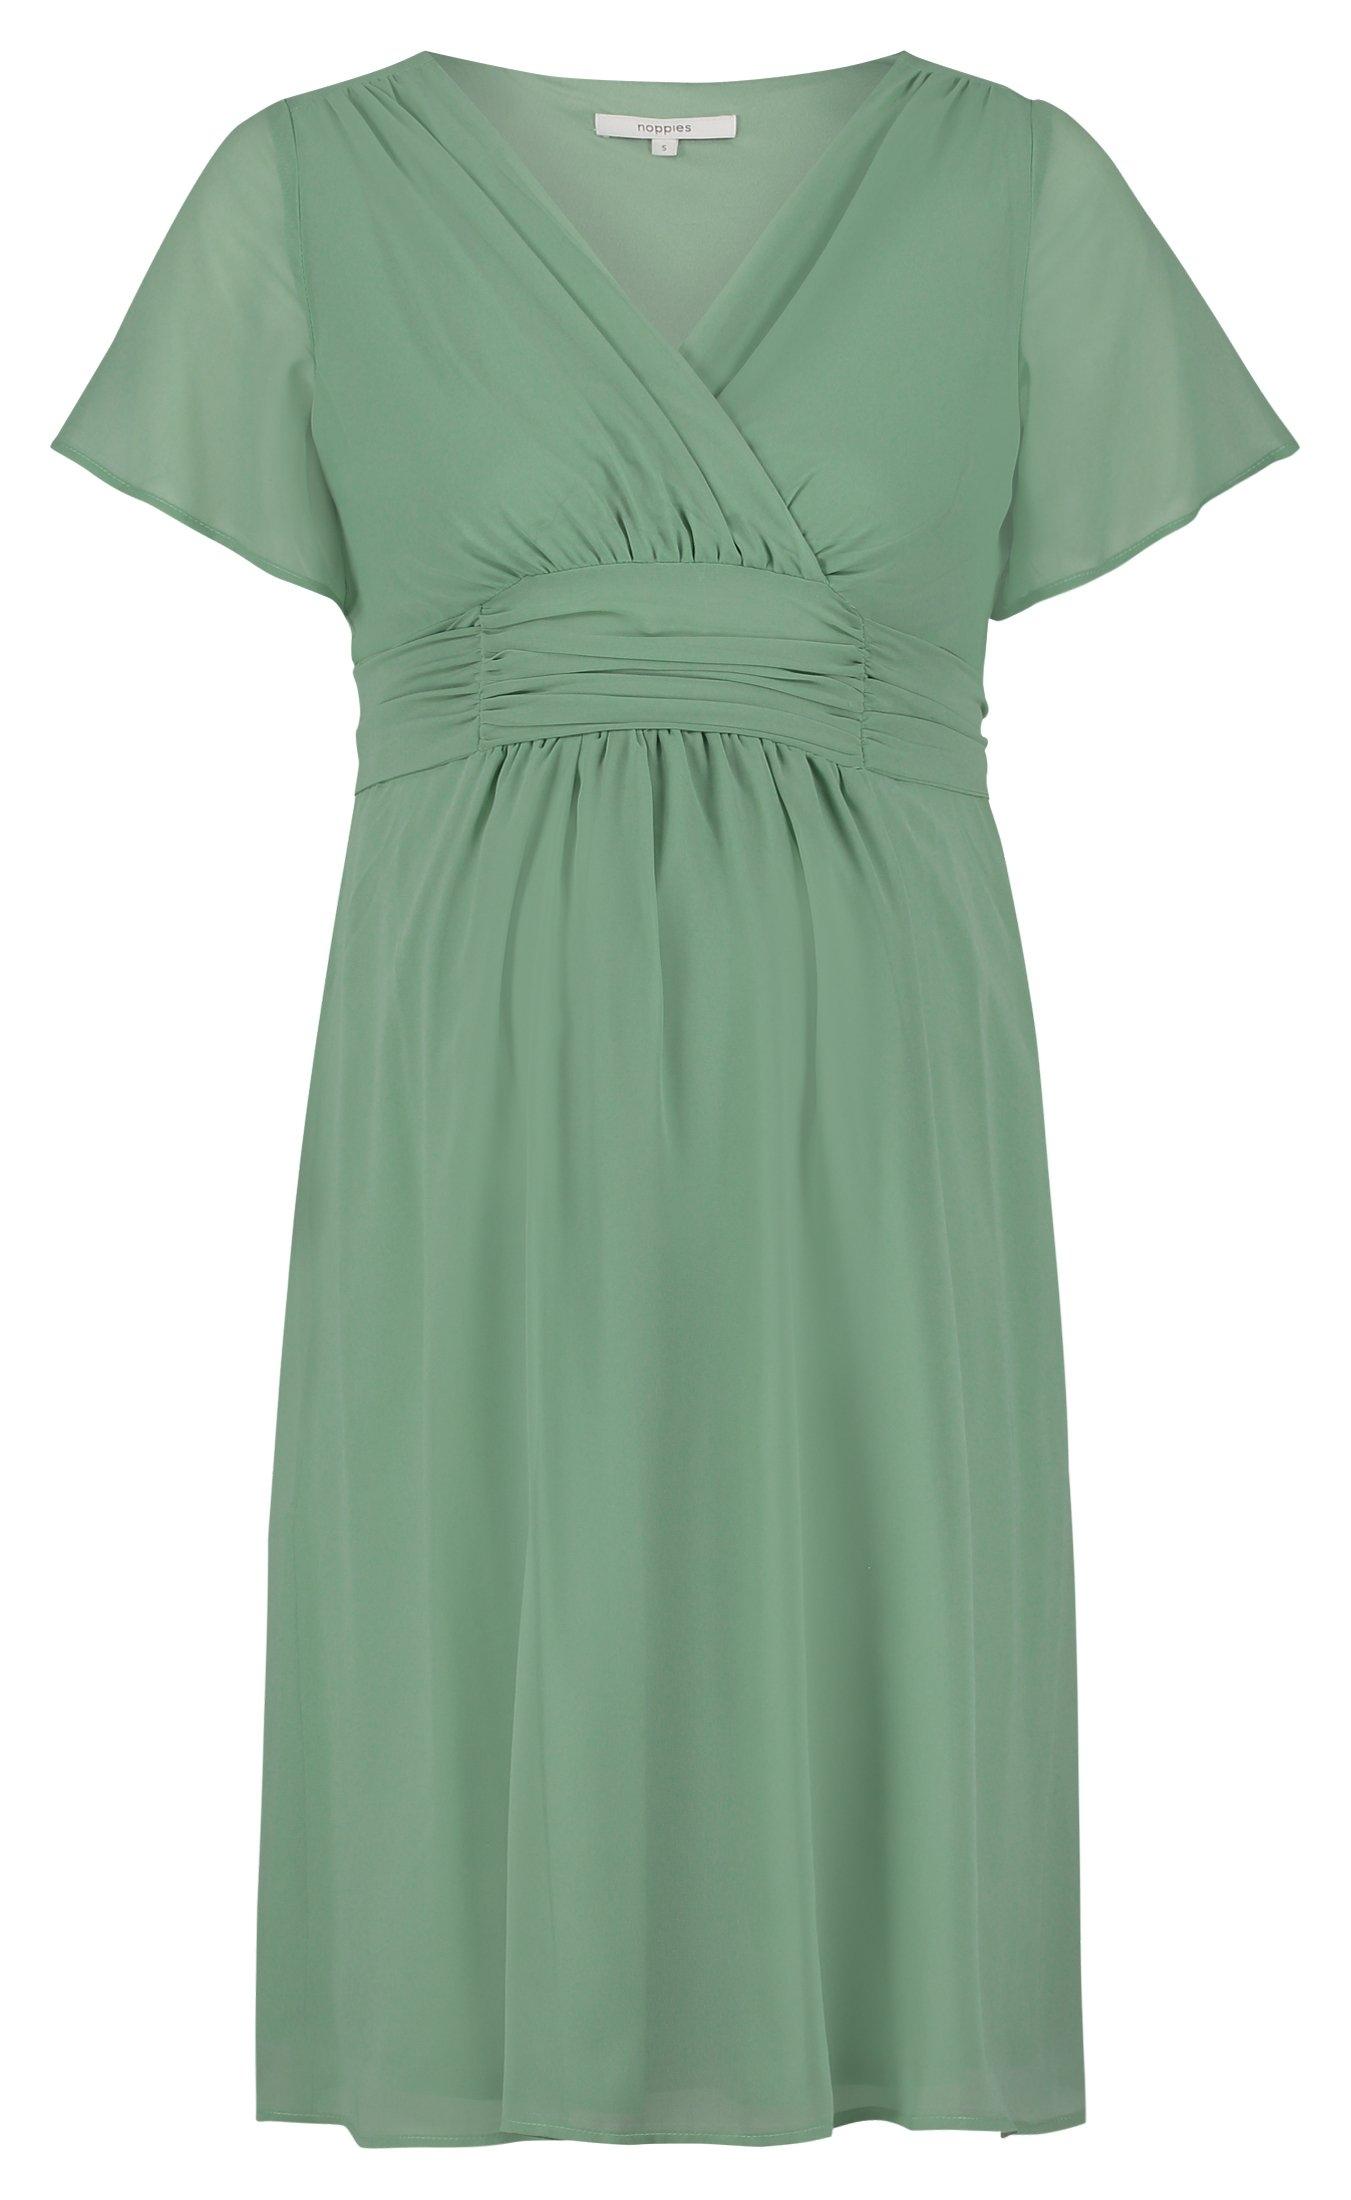 Noppies jurk »Blossom« bestellen: 30 dagen bedenktijd